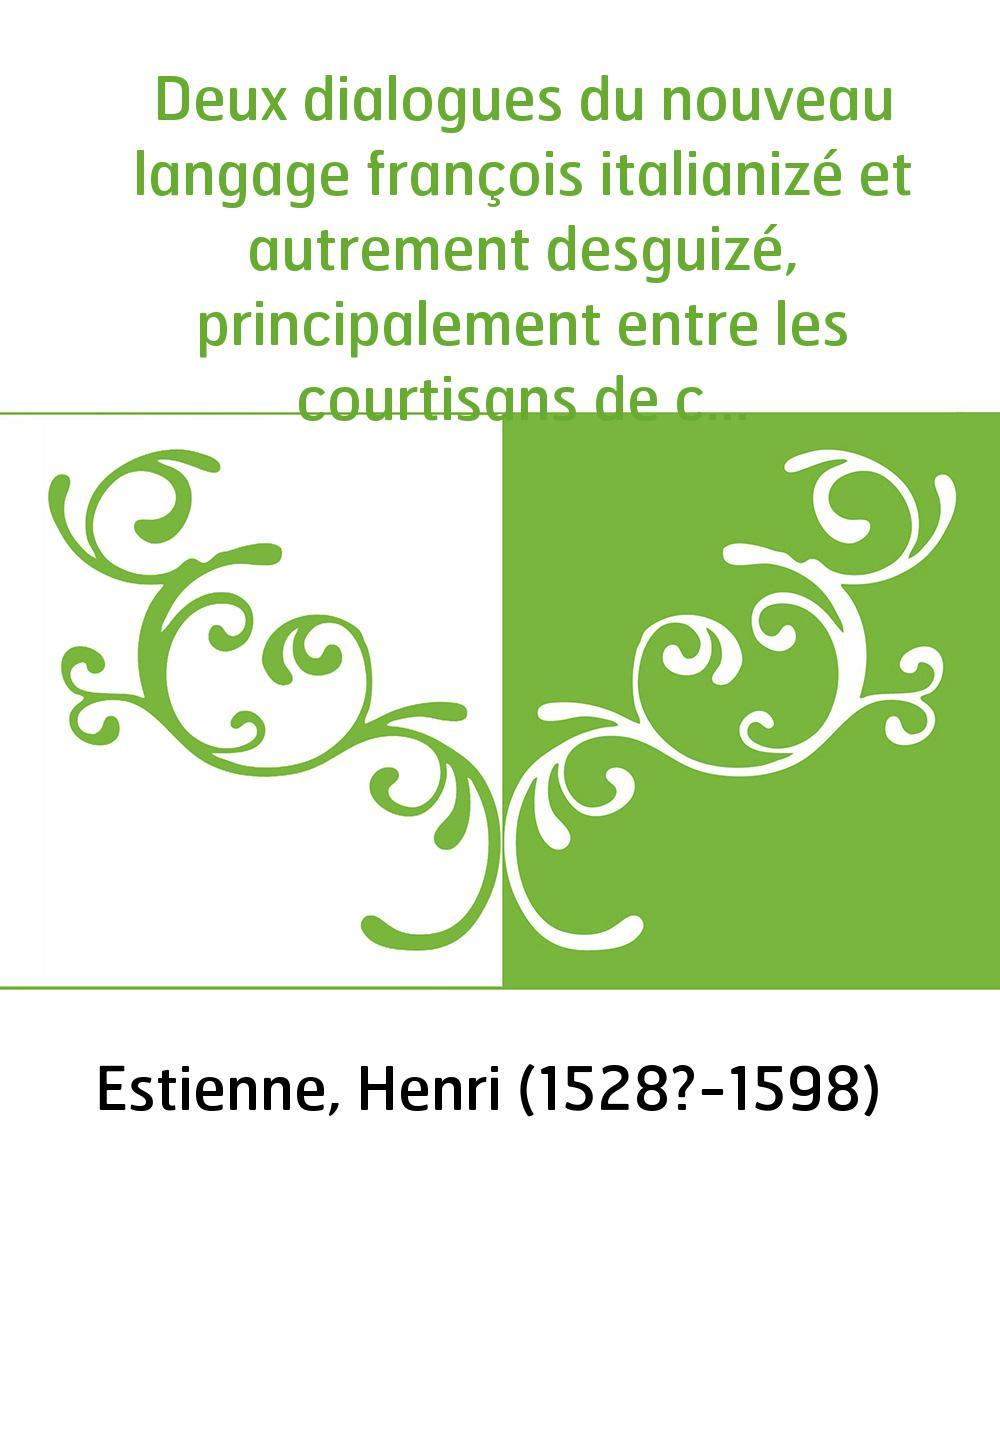 Deux dialogues du nouveau langage françois italianizé et autrement desguizé, principalement entre les courtisans de ce temps. T1